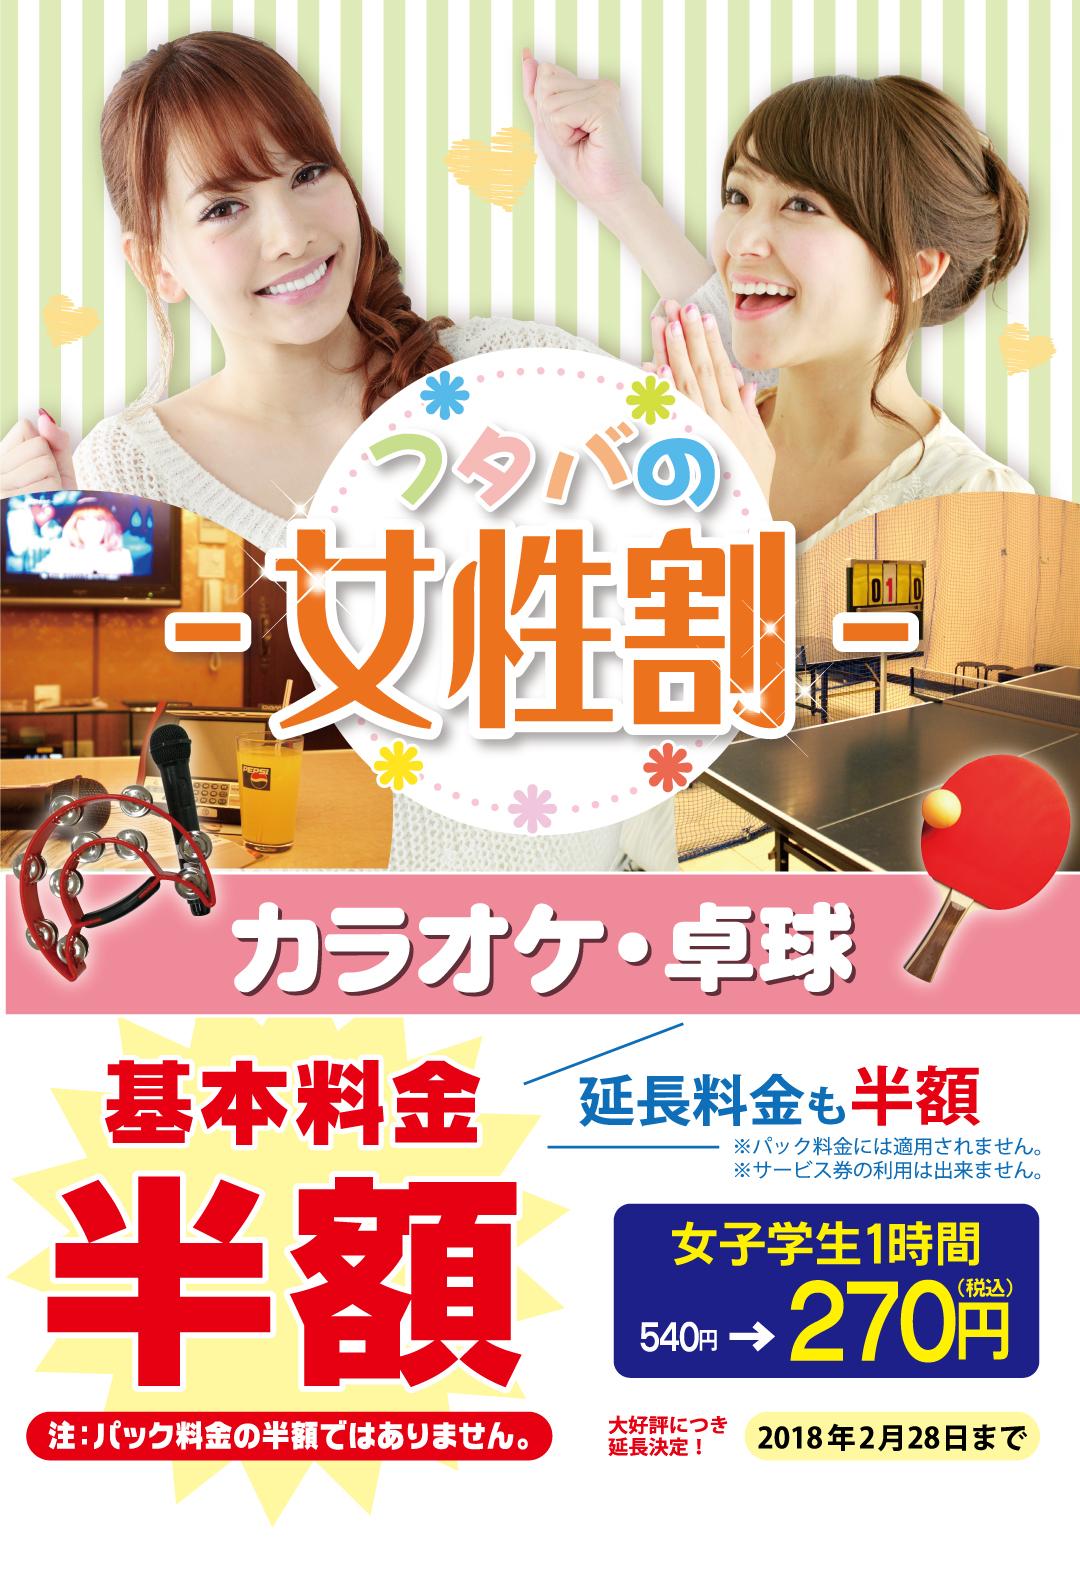 1700228_カラオケ・卓球女子割